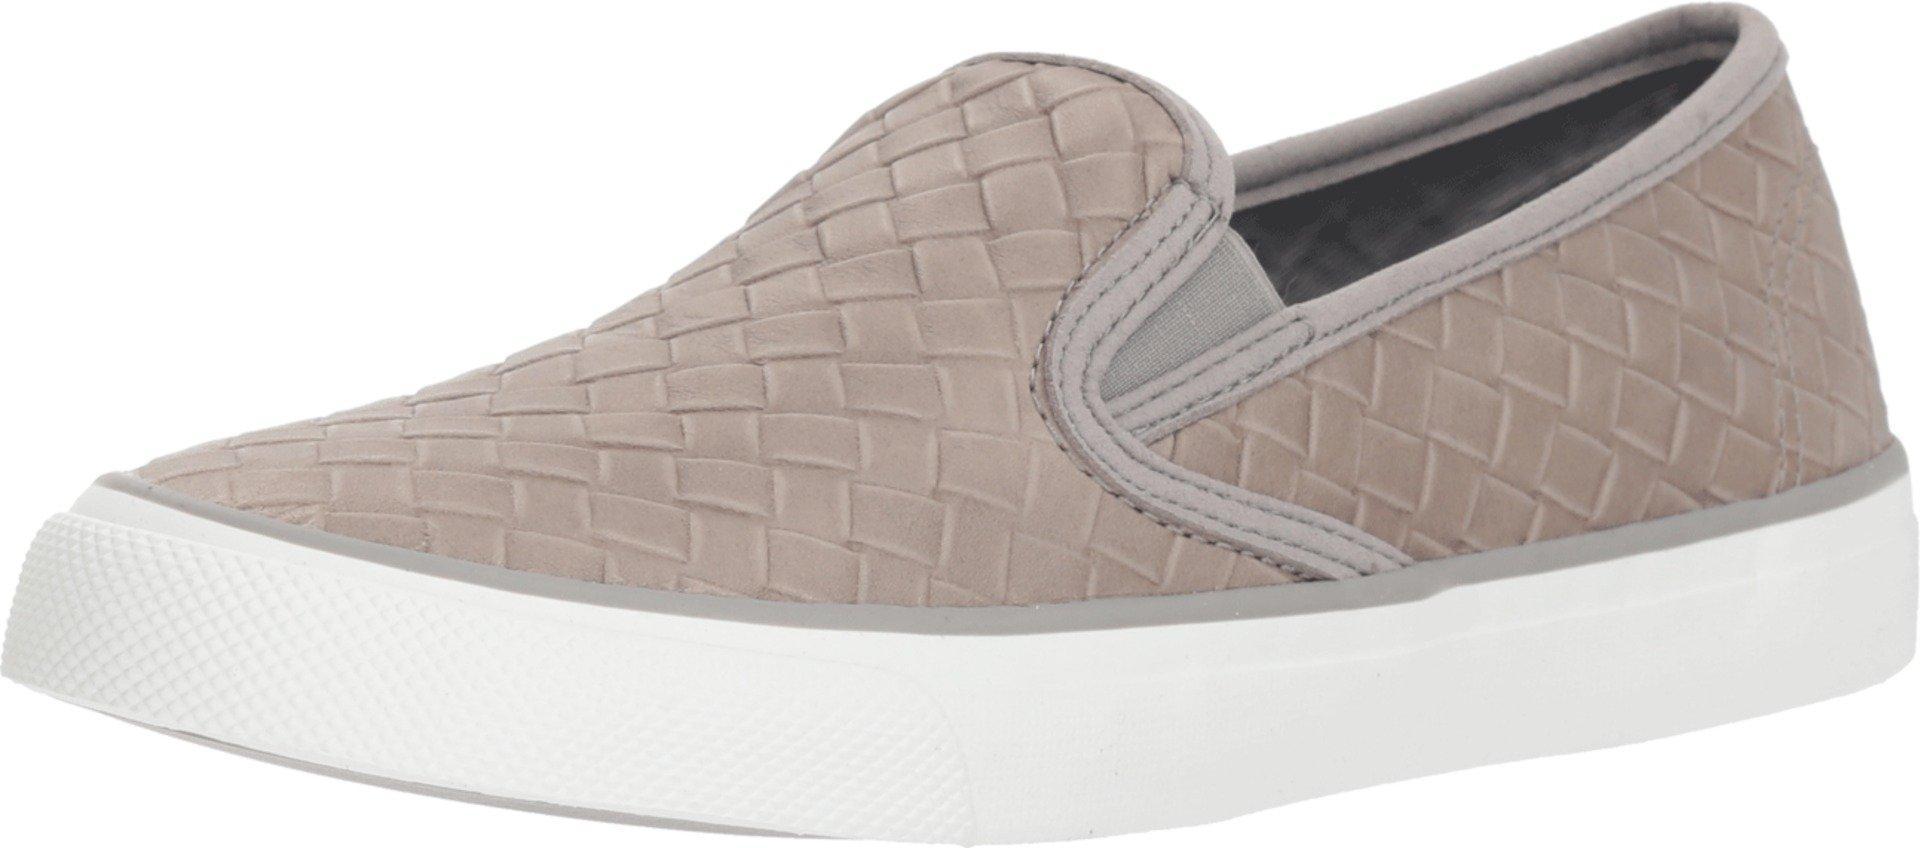 Seaside Emboss Weave Sneaker in Grey